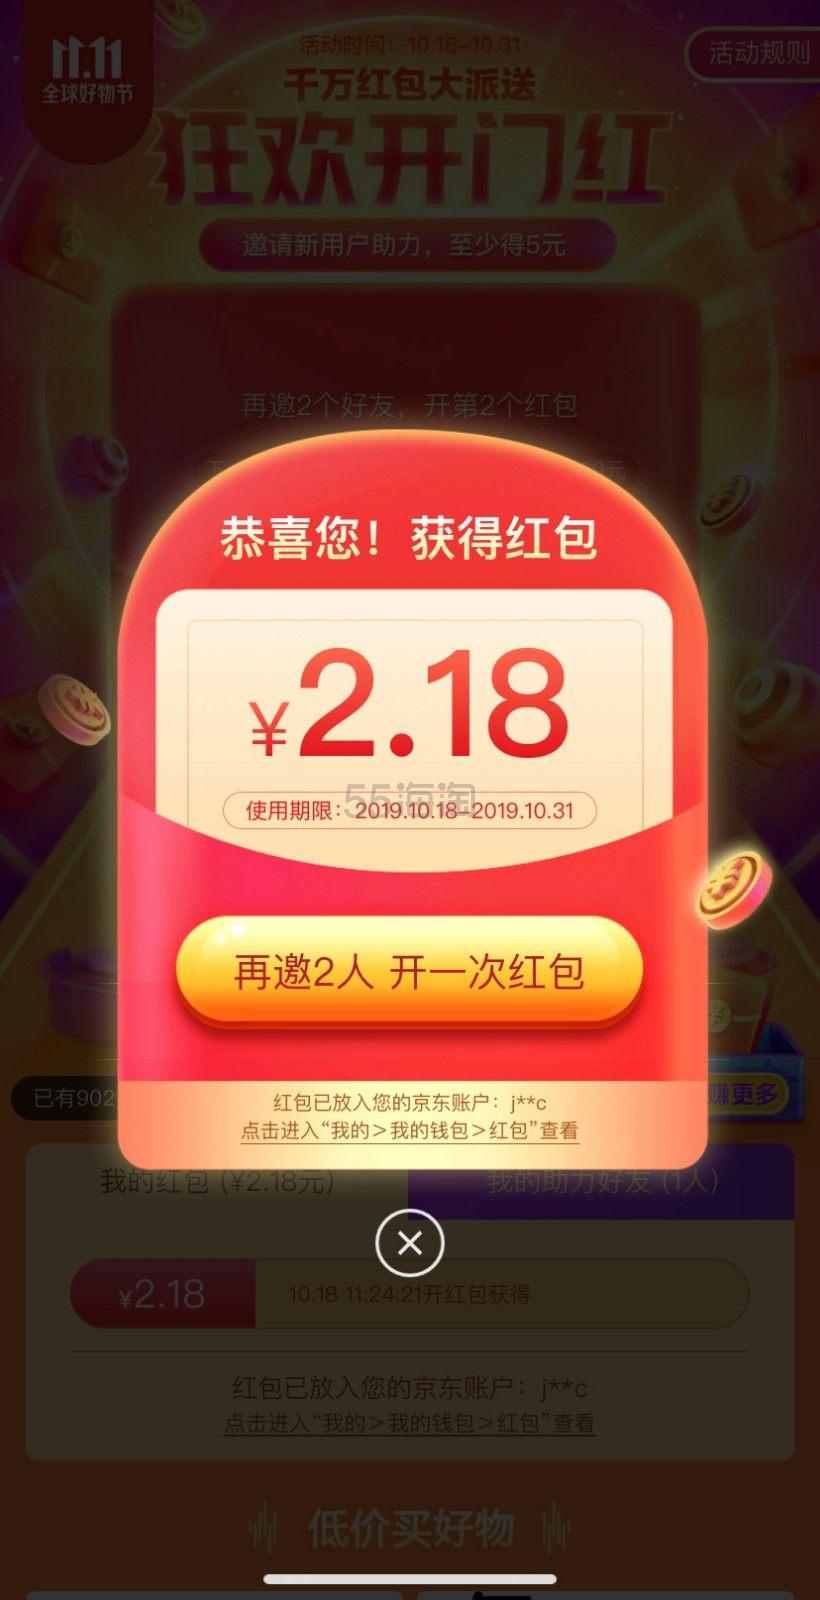 【11.11 狂欢开门红】移动专享!京东:邀好友助力开红包